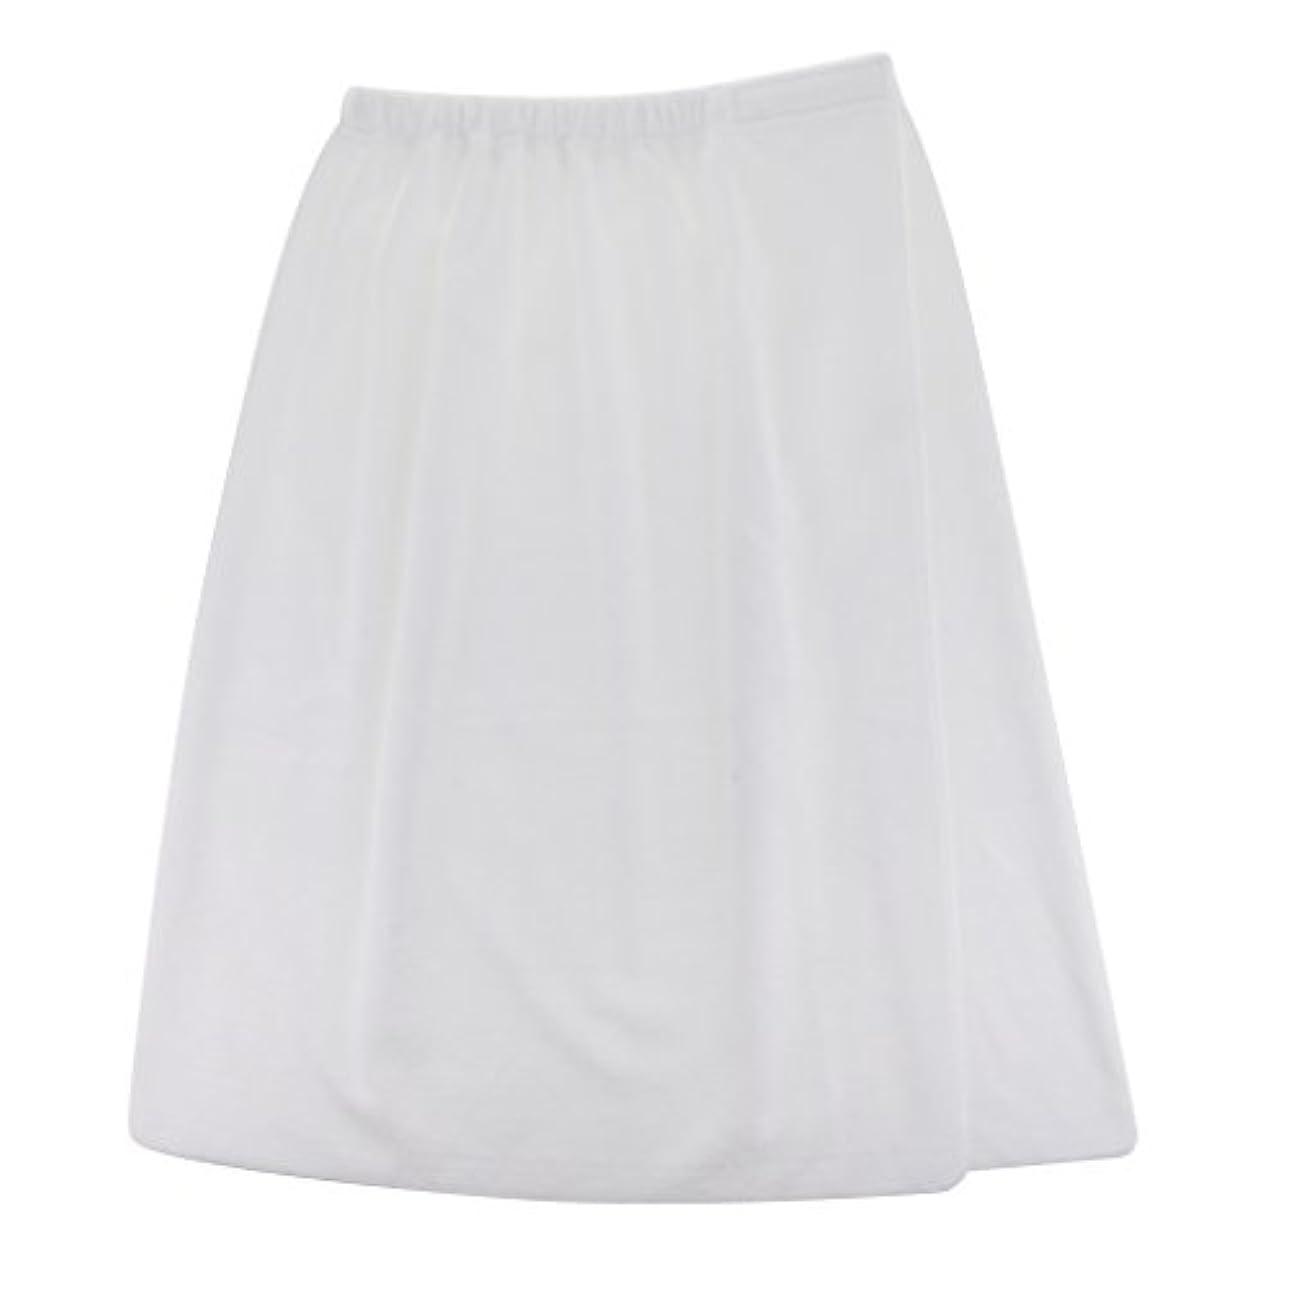 バケットアラビア語保育園タオルラップ 女性 吸収性 マイクロファイバー シャワー スパ ボディラップ バスタオル 140x72cm 2色選べる - 白